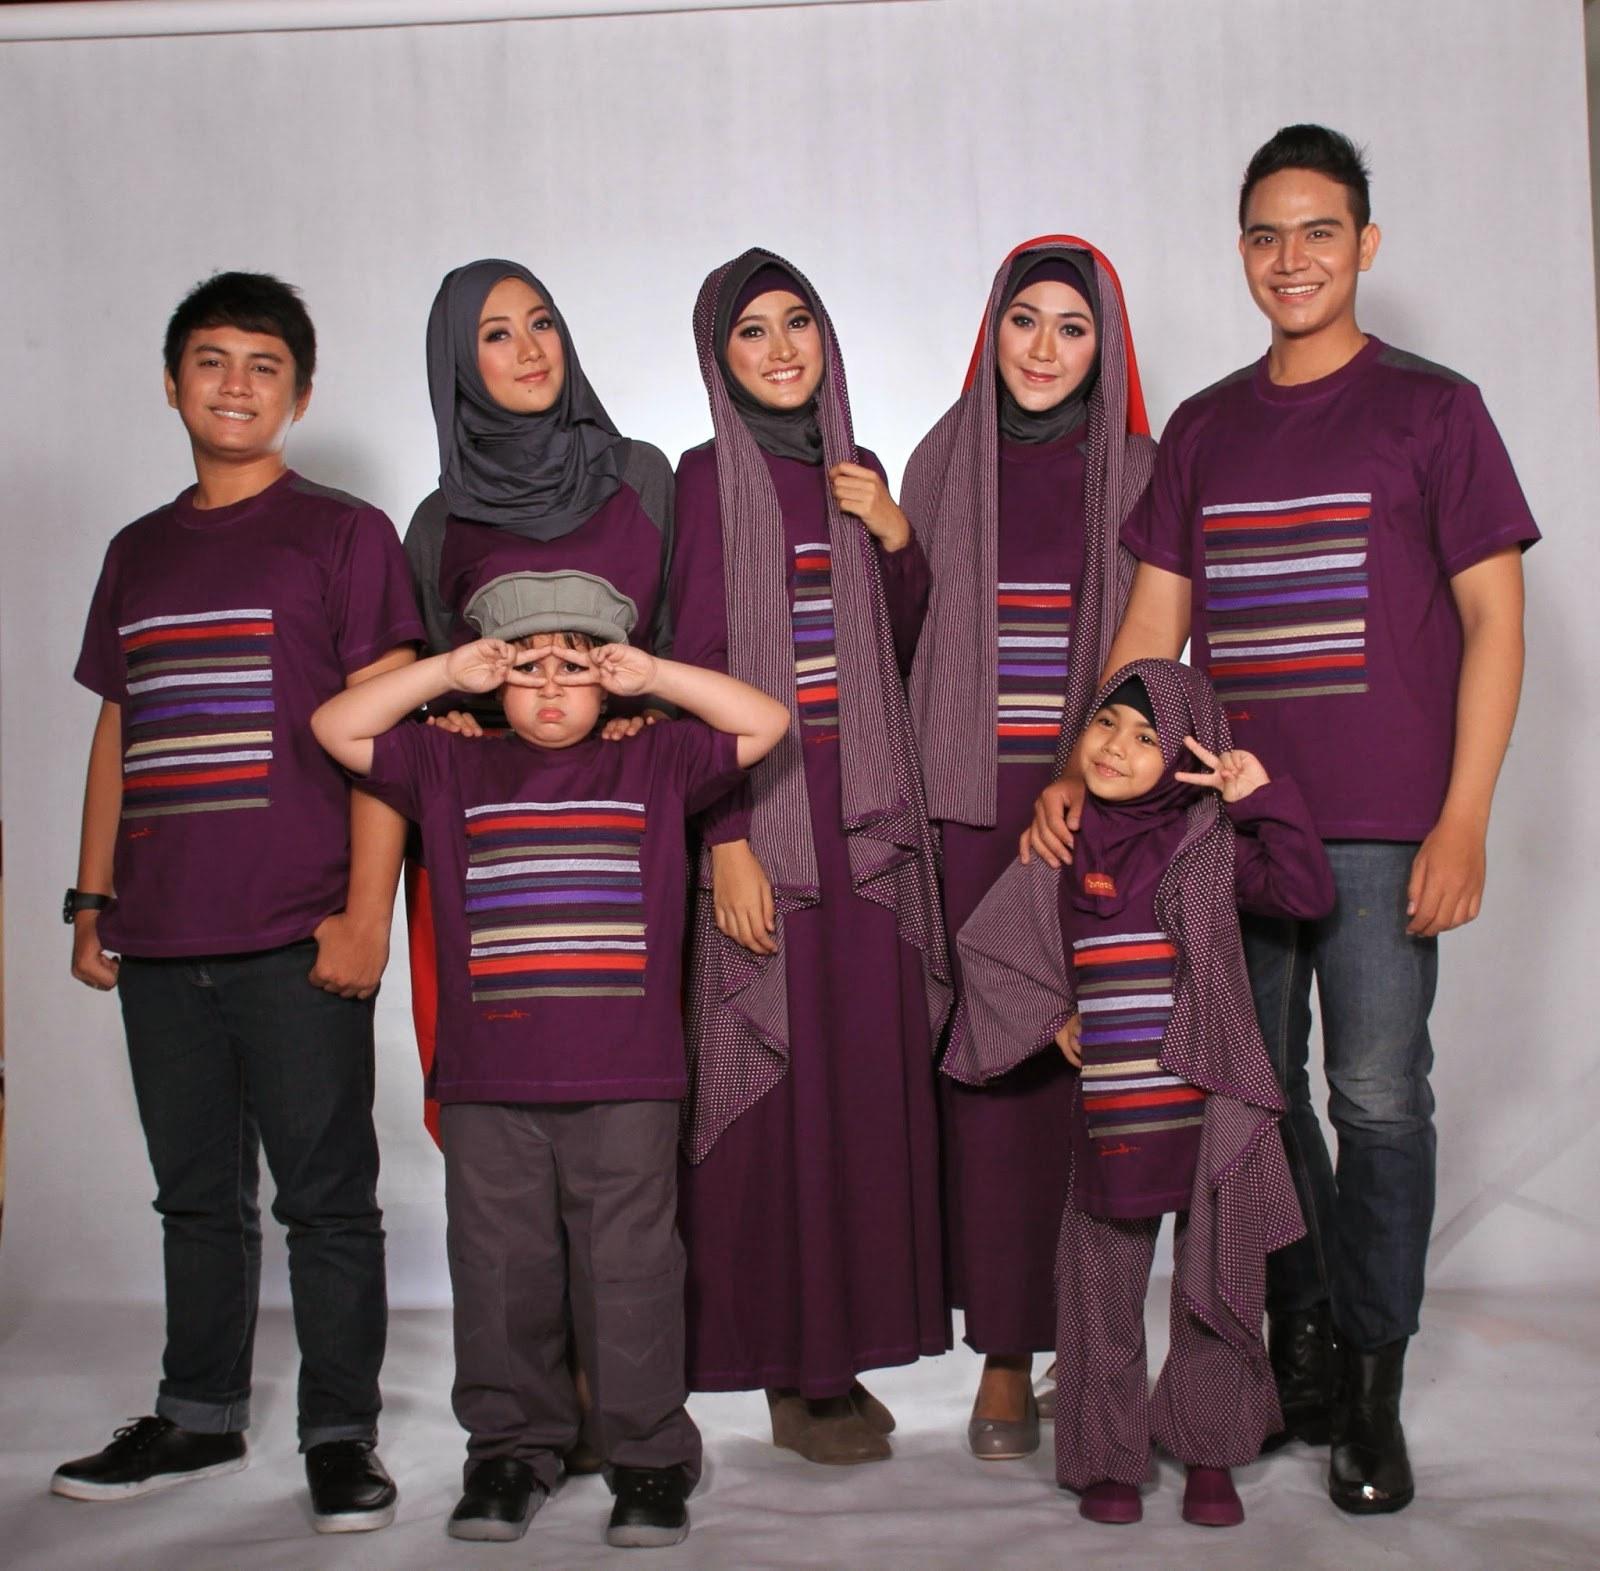 Inspirasi Cari Baju Lebaran 2018 3ldq Model Baju Keluarga Untuk Hari Raya Lebaran 2018